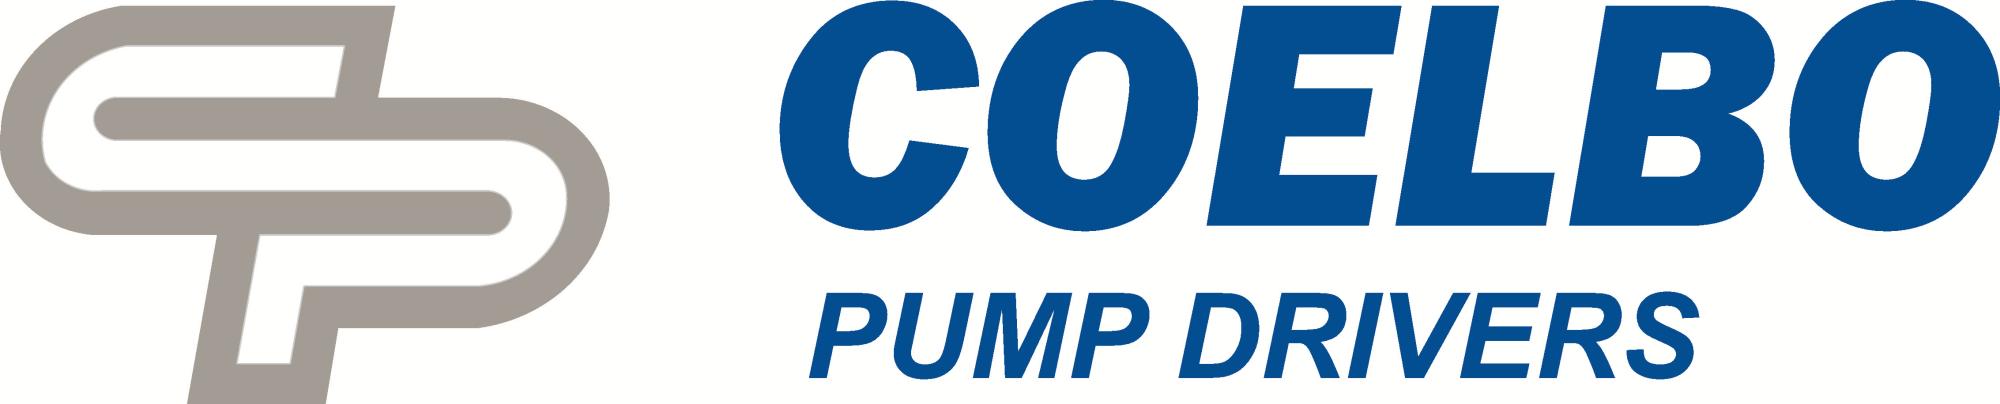 Elektroniczne sterowniki pomp wodnych hiszpańskiej firmy Coelbo